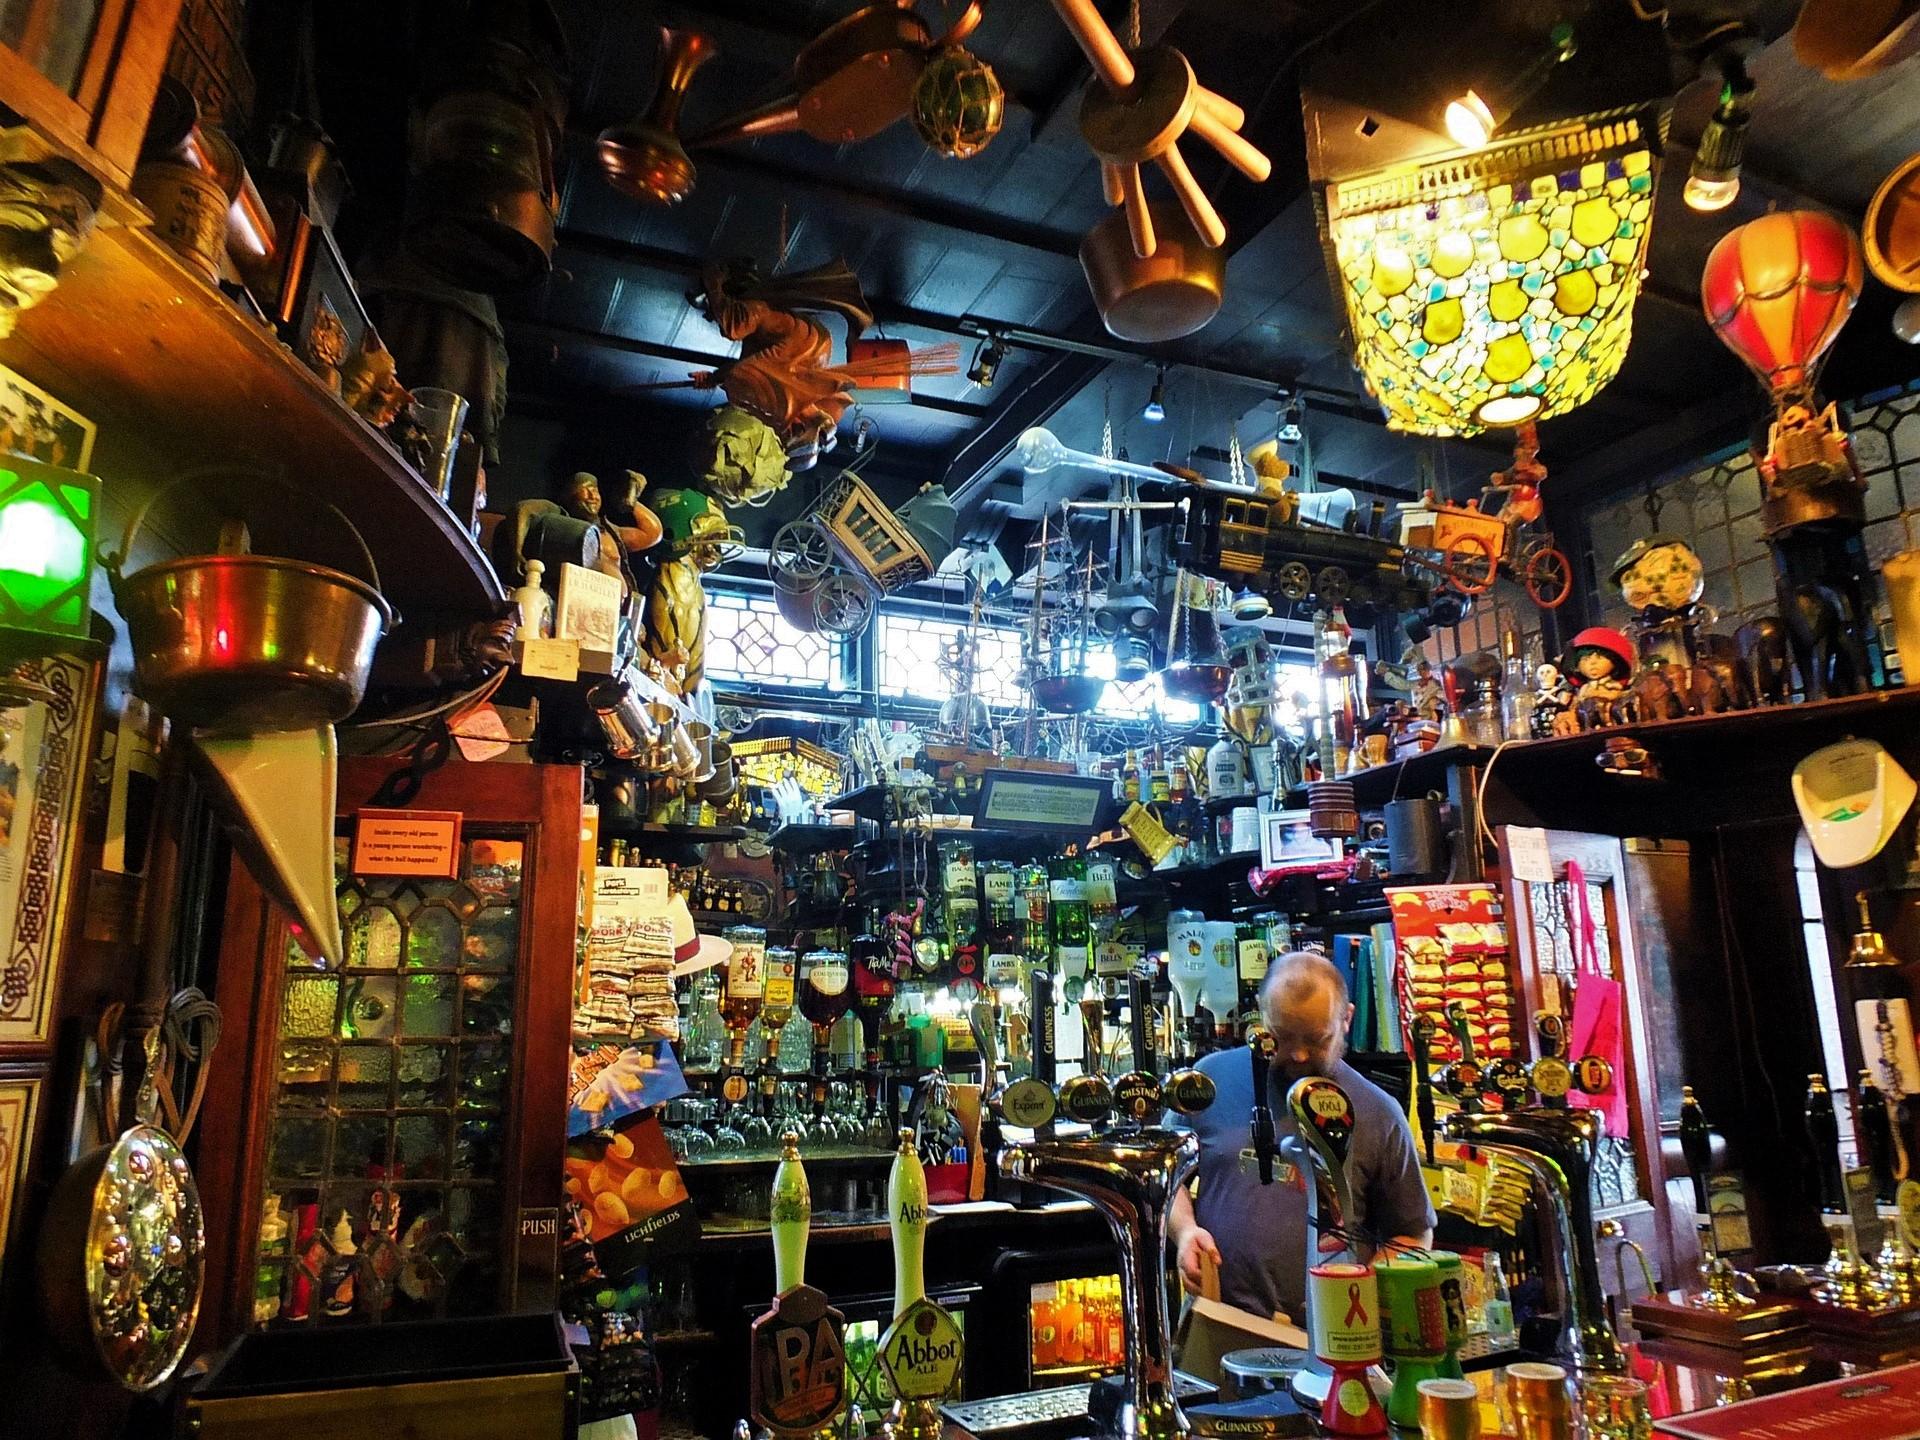 Salir por Edimburgo - un pub en Edimburgo, Escocia